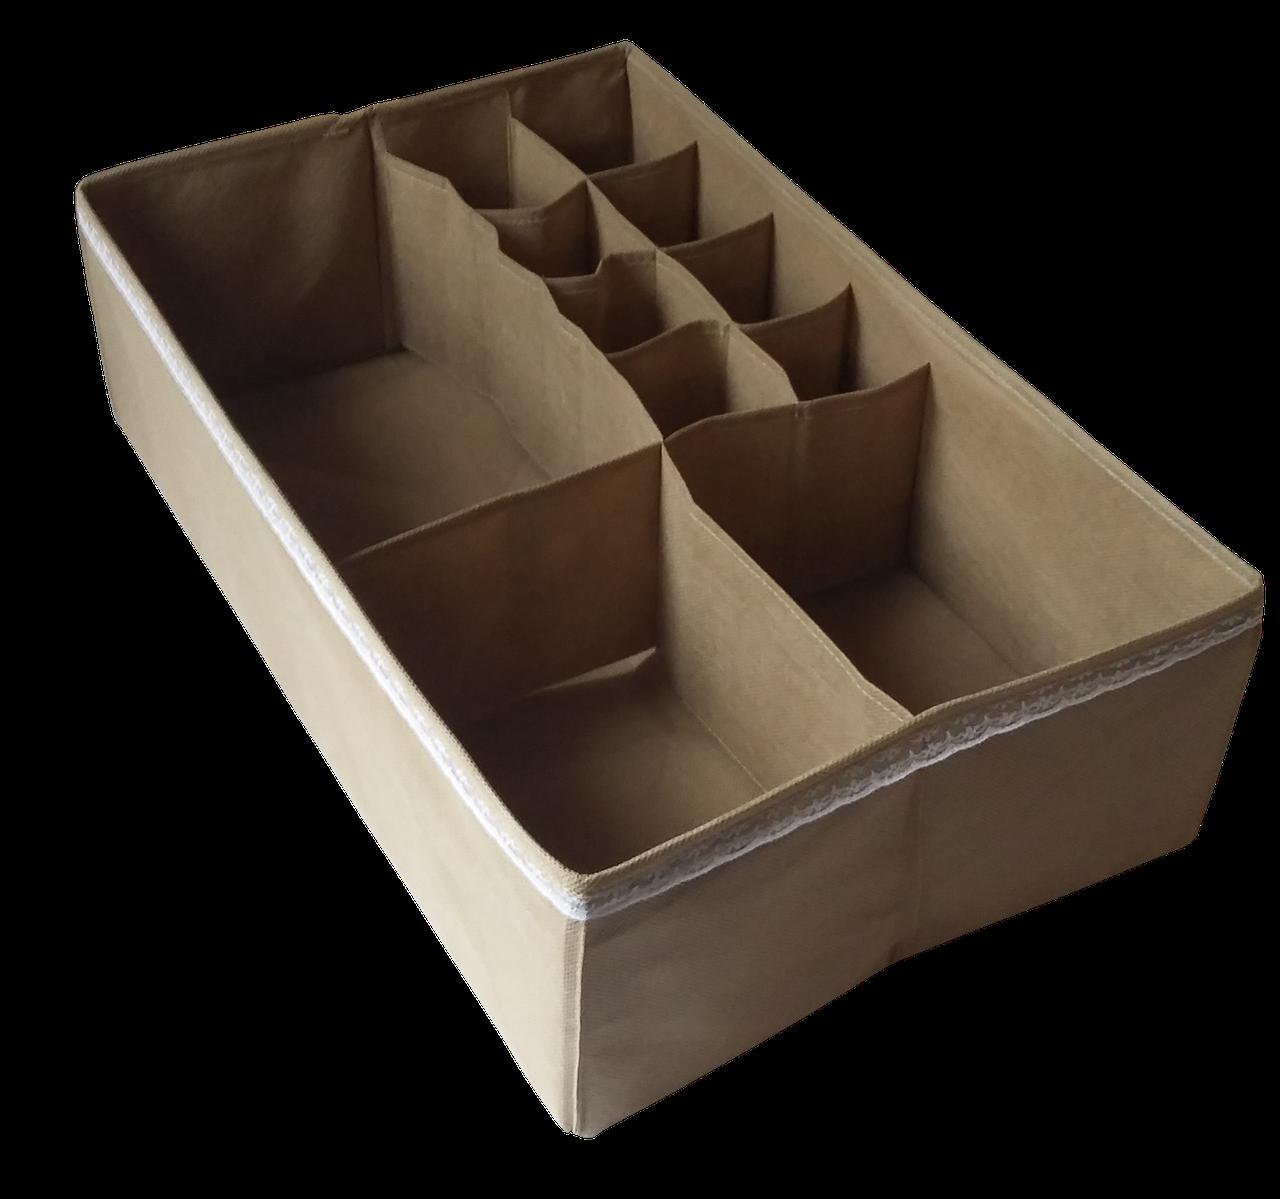 Органайзеры для белья по индивидуальным размерам (модель 31)